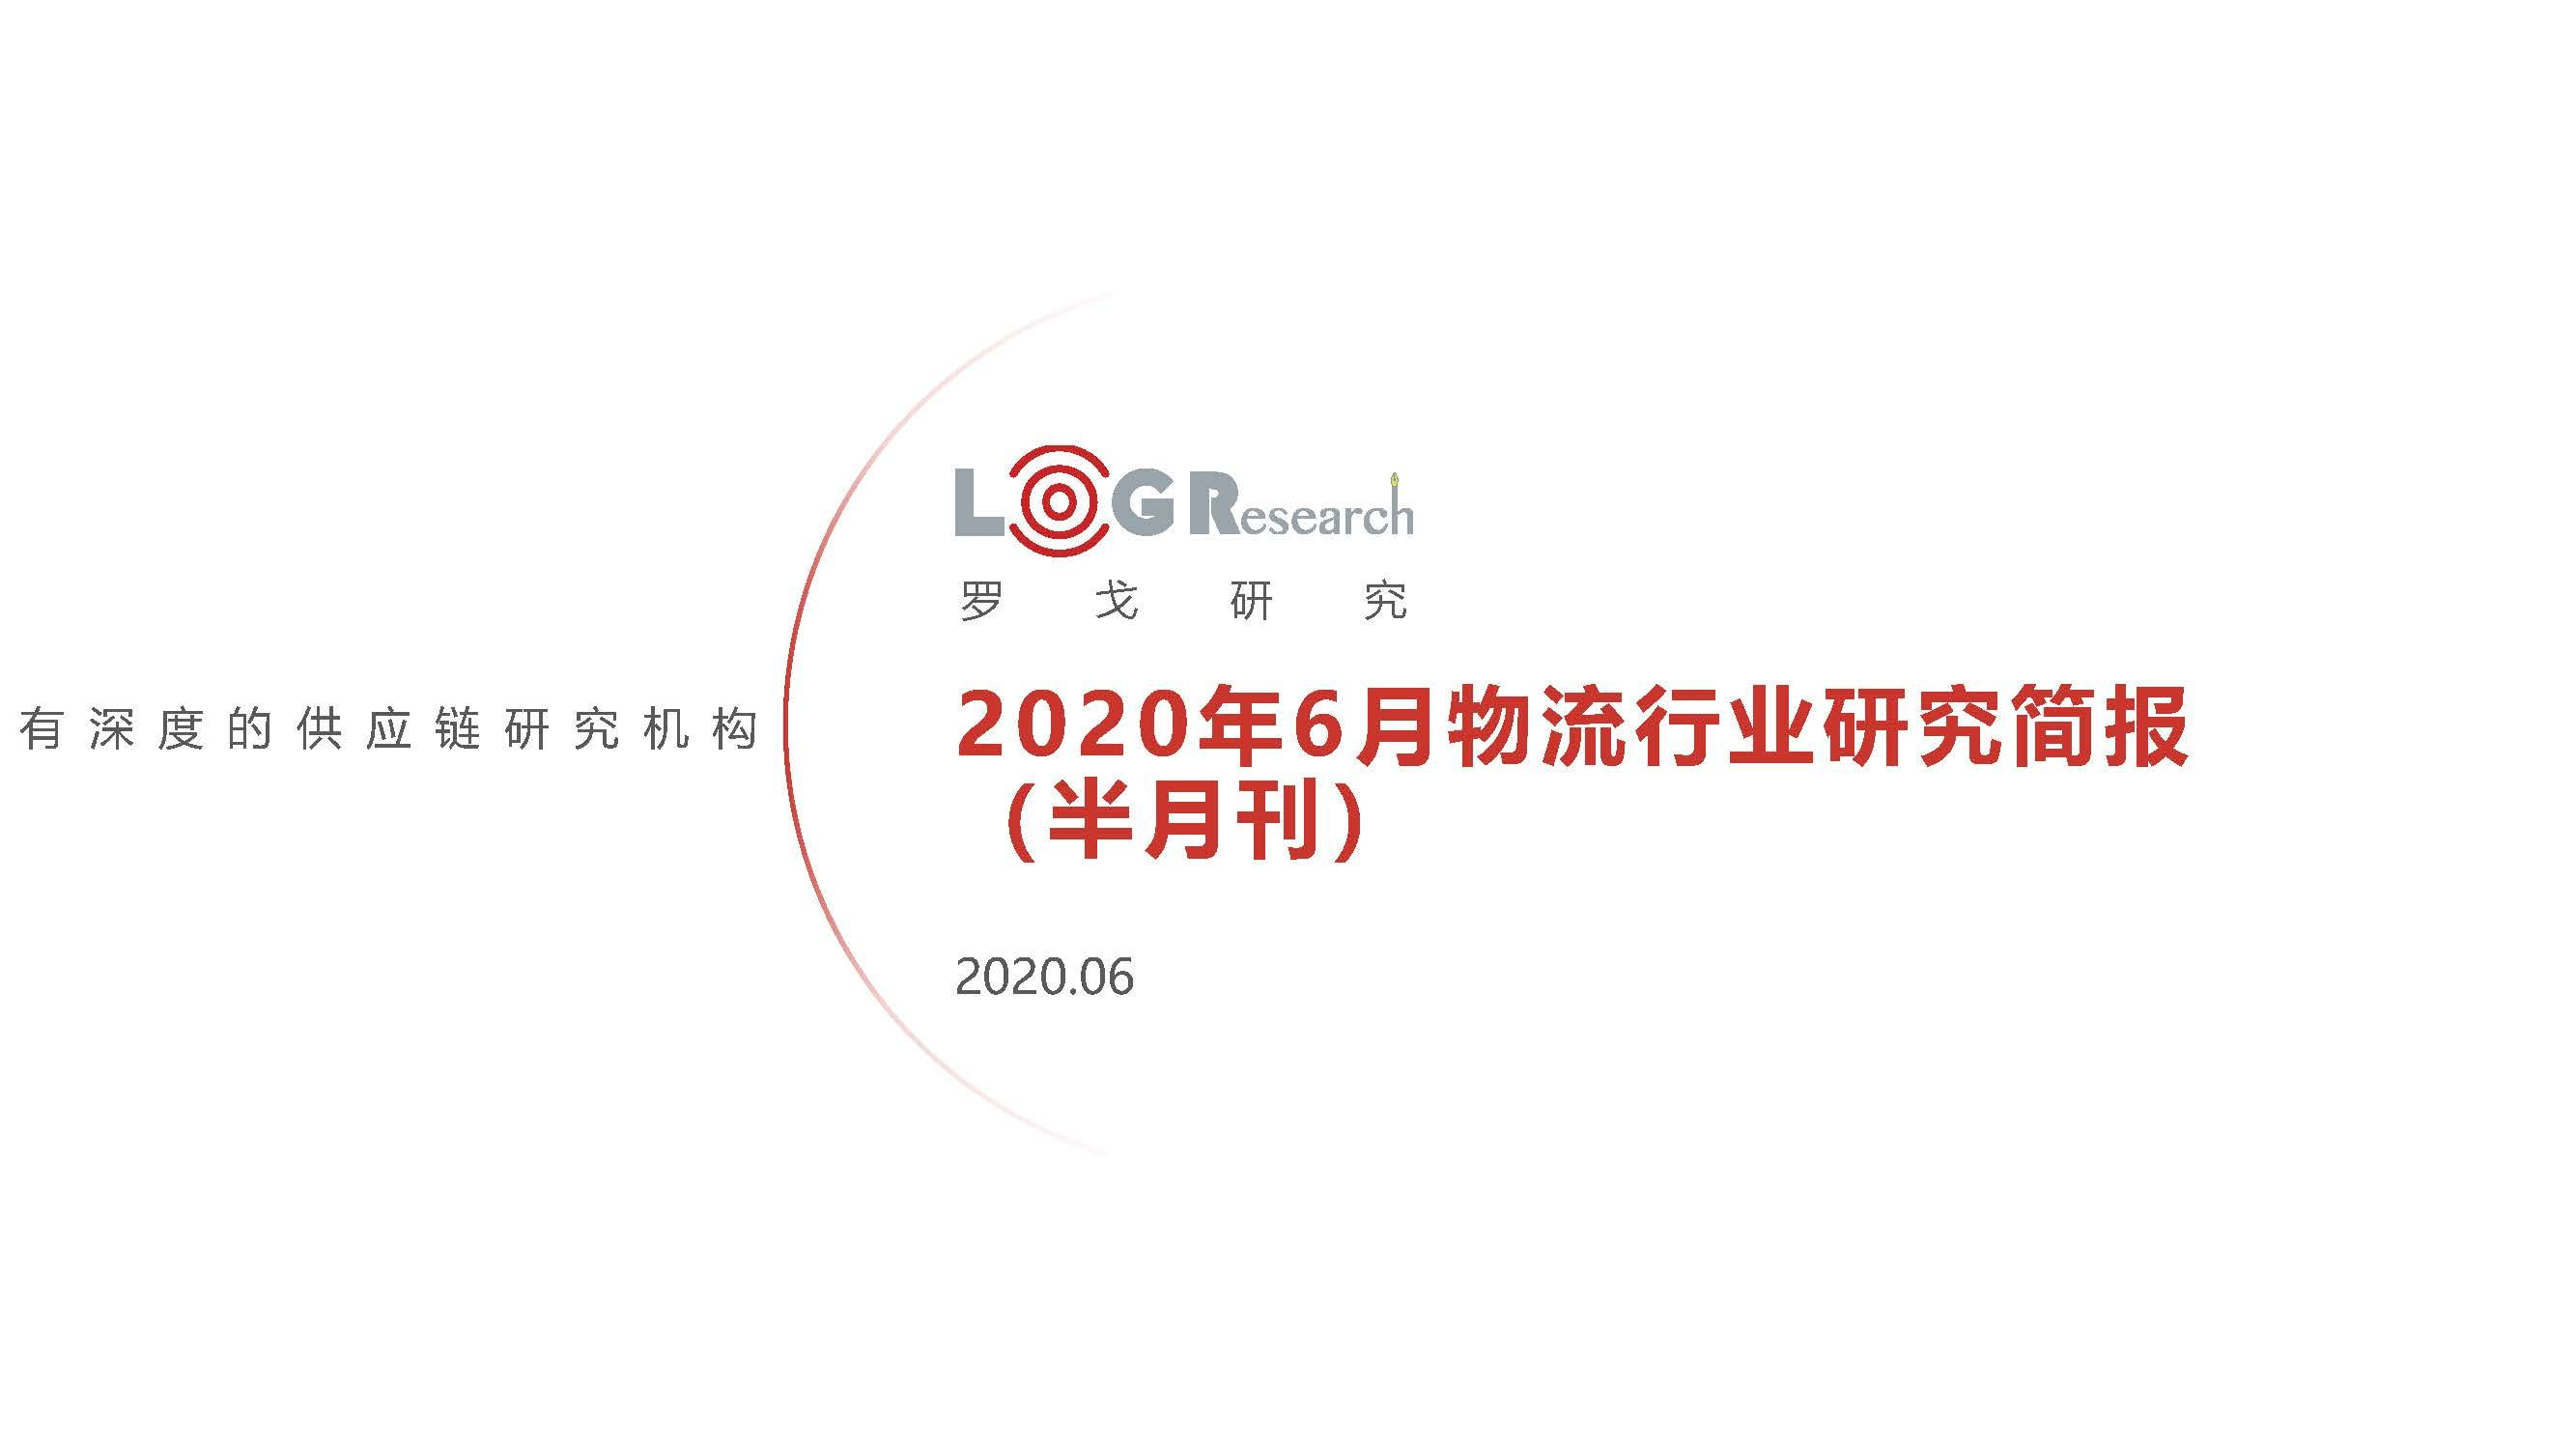 2020年6月物流行業研究簡報(半月刊)